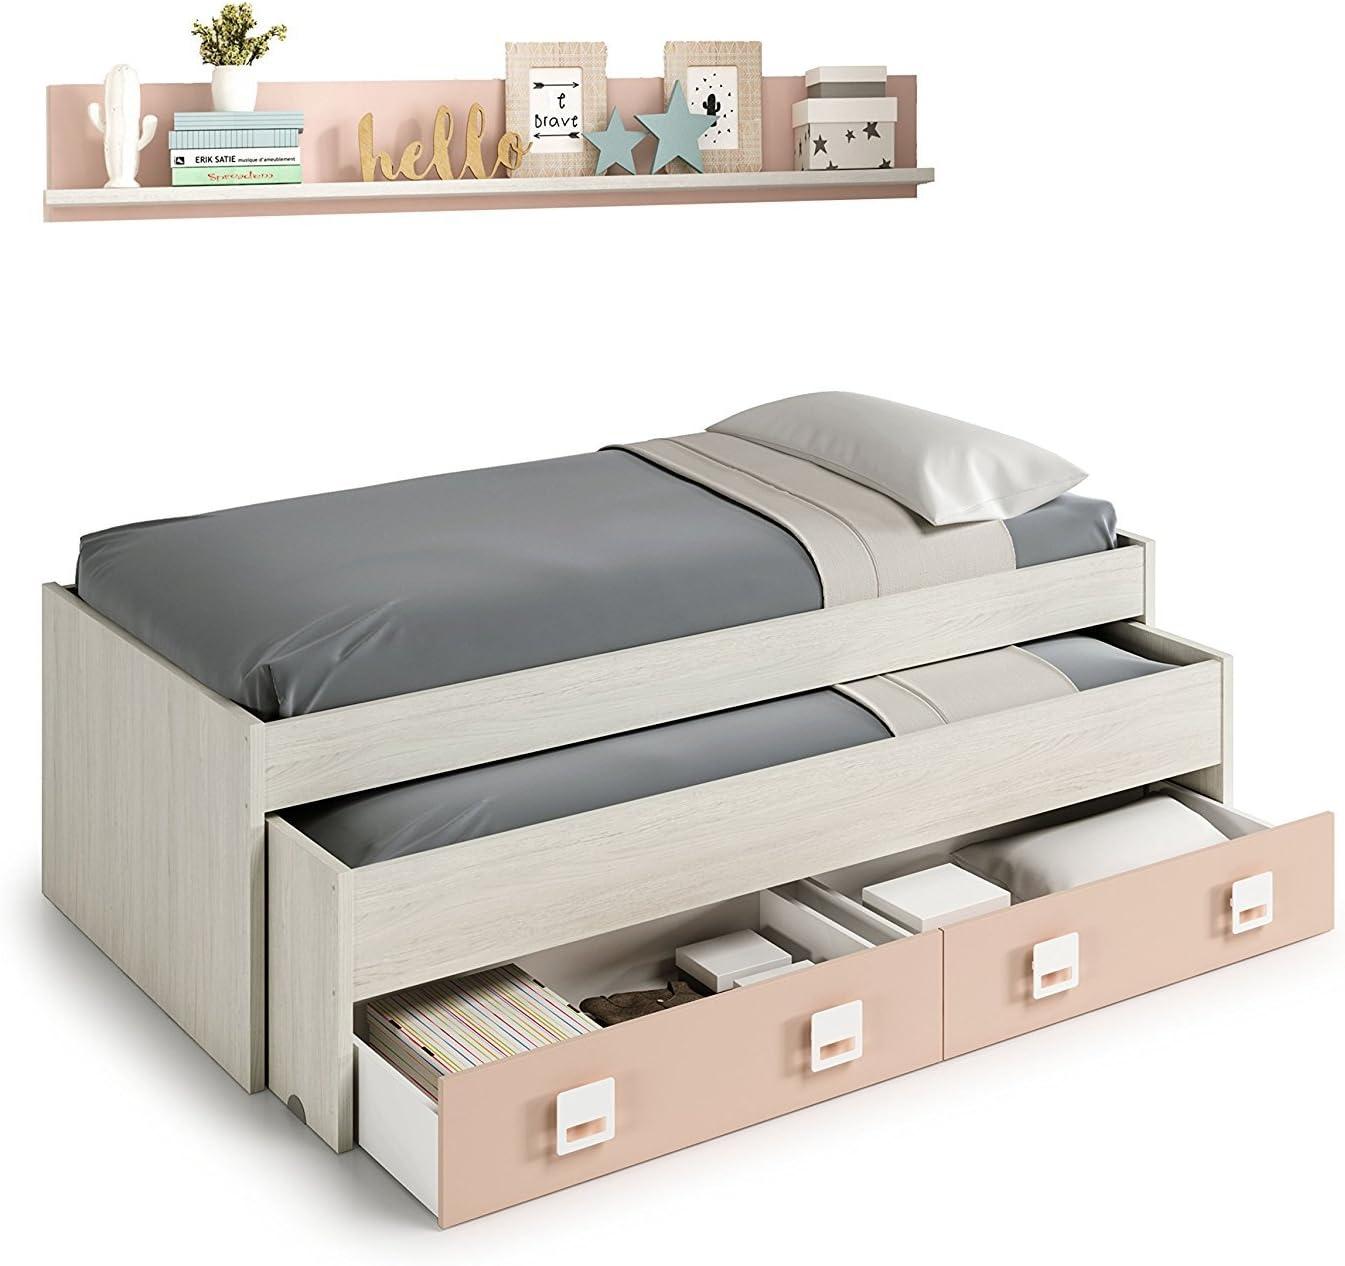 Habitdesign 0M7449Y - Cama Doble + 2 cajones y un Estante, Acabado en Blanco Alpes y Rosa Pastel, Medidas: 199 cm (Largo) x 96 cm (Ancho) x 69 cm (Alto)